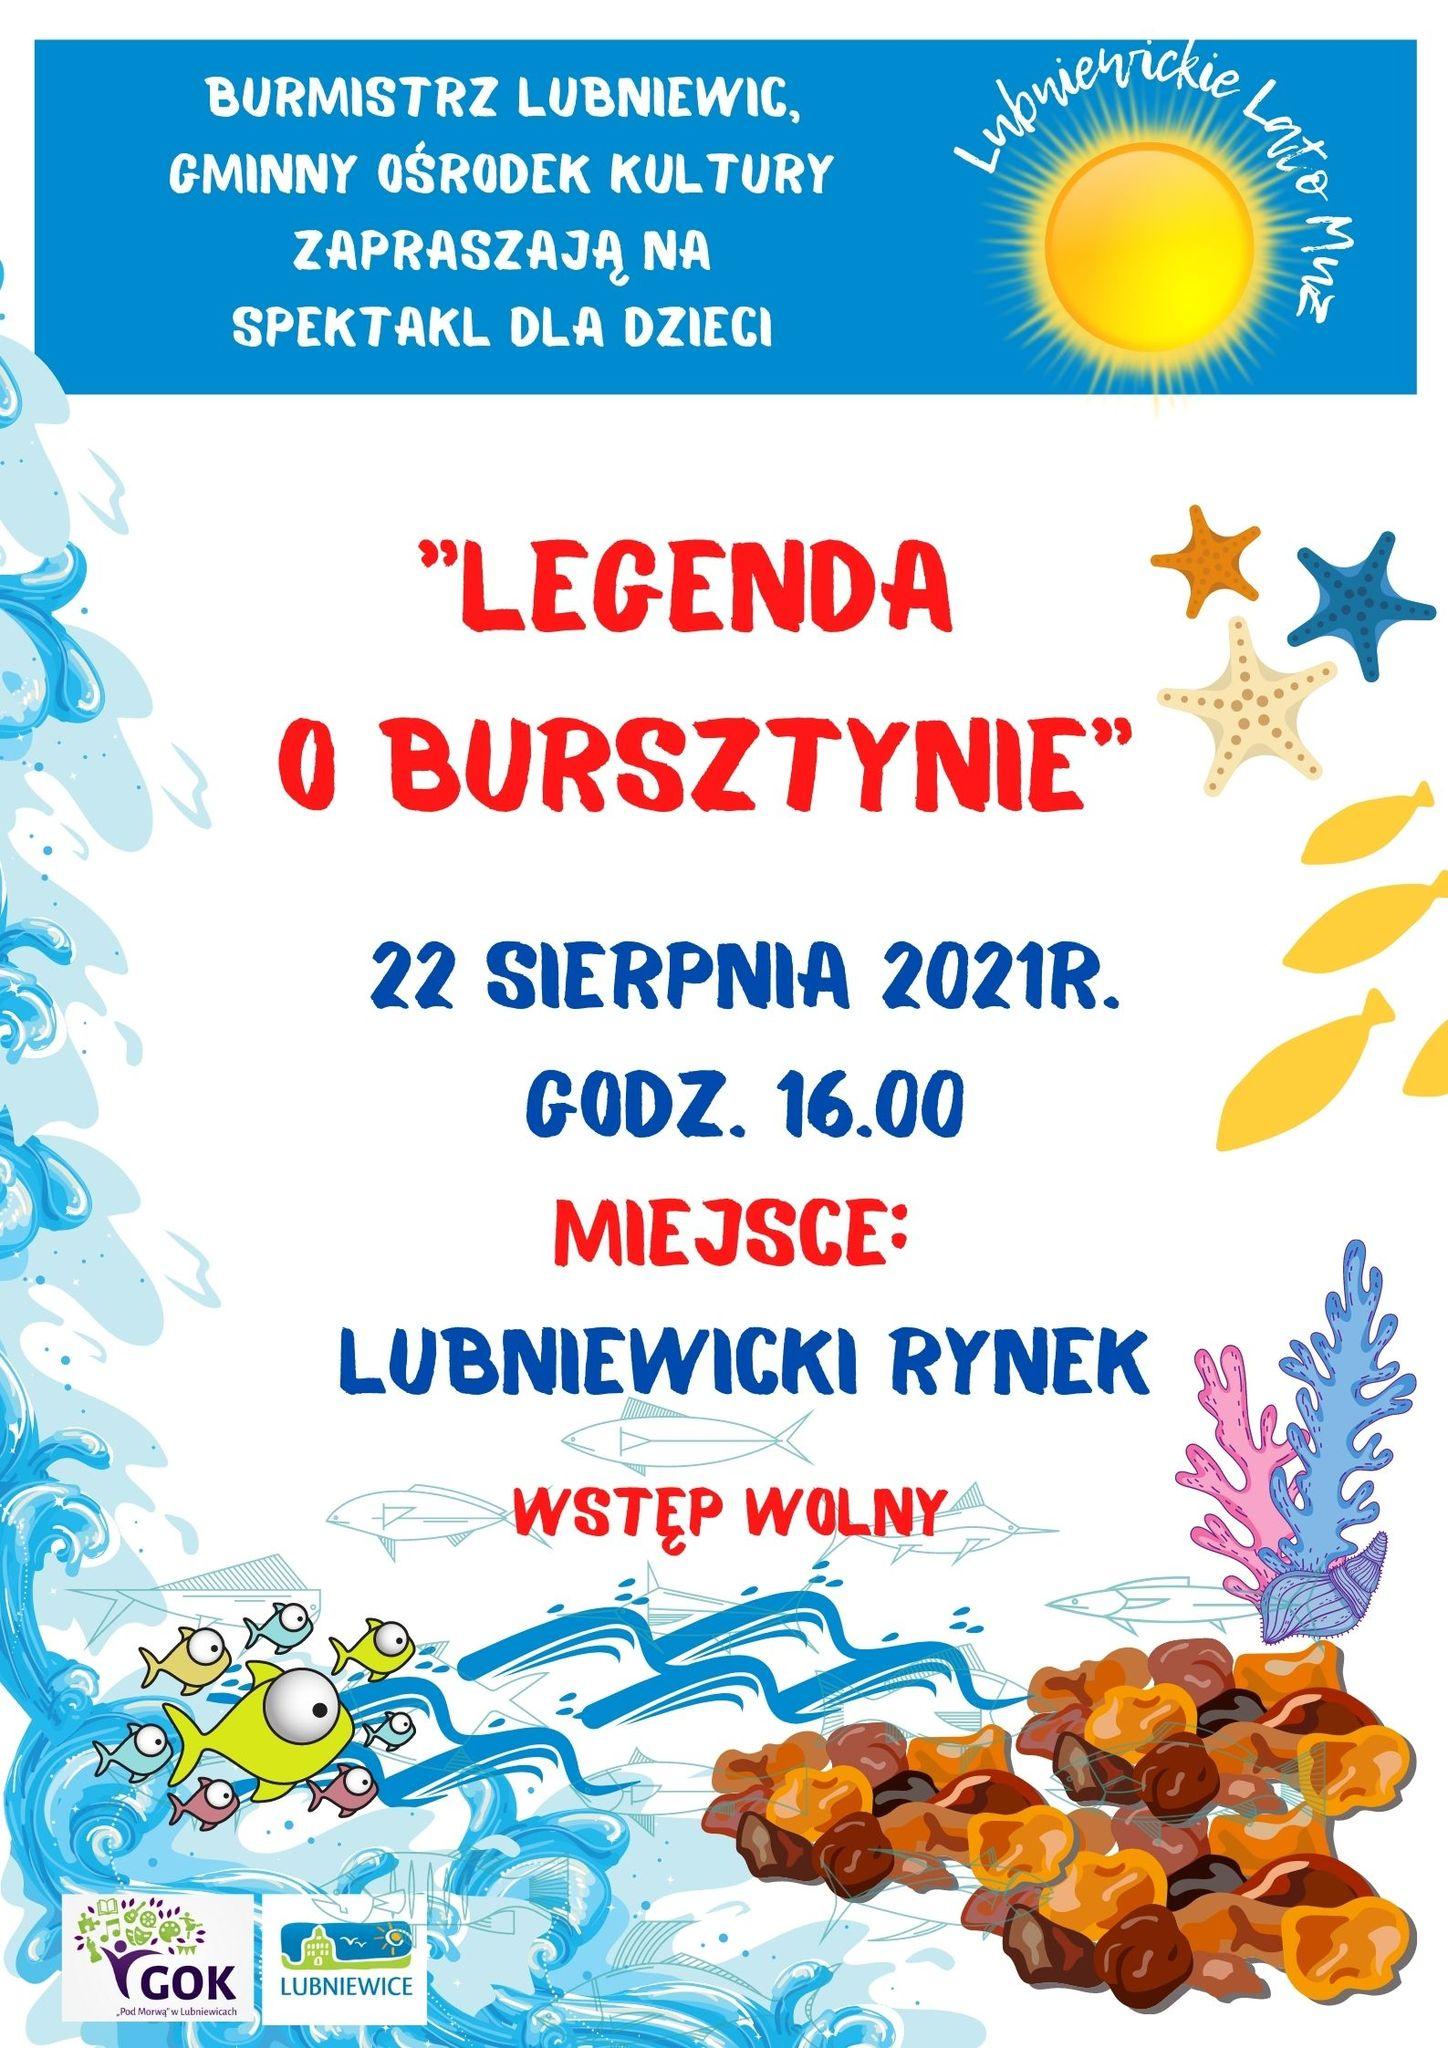 plakat-legenda-o-bursztynie-lubniewicki-rynek-2021